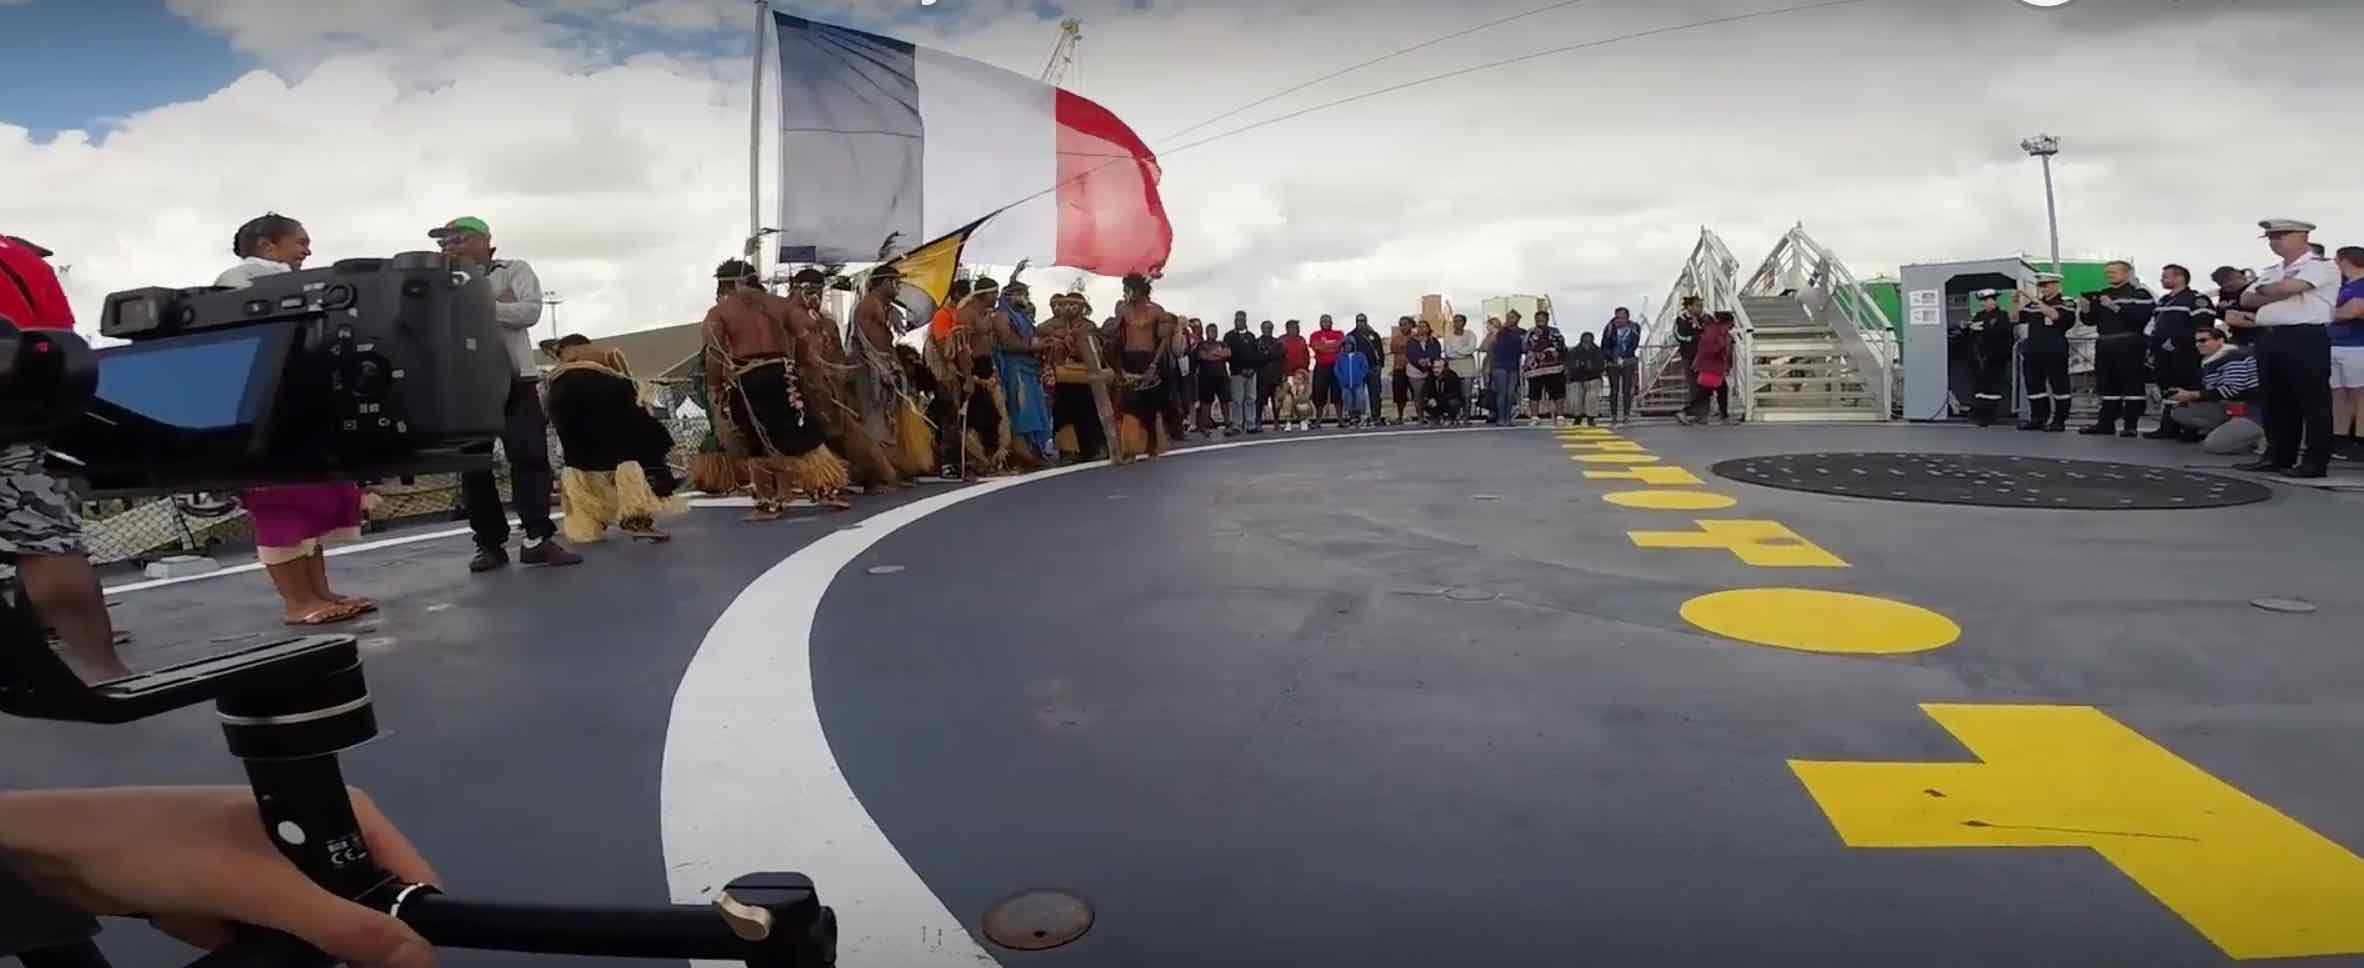 #Brest2016 w/ Nouvelle-Calédonie – Jour #2